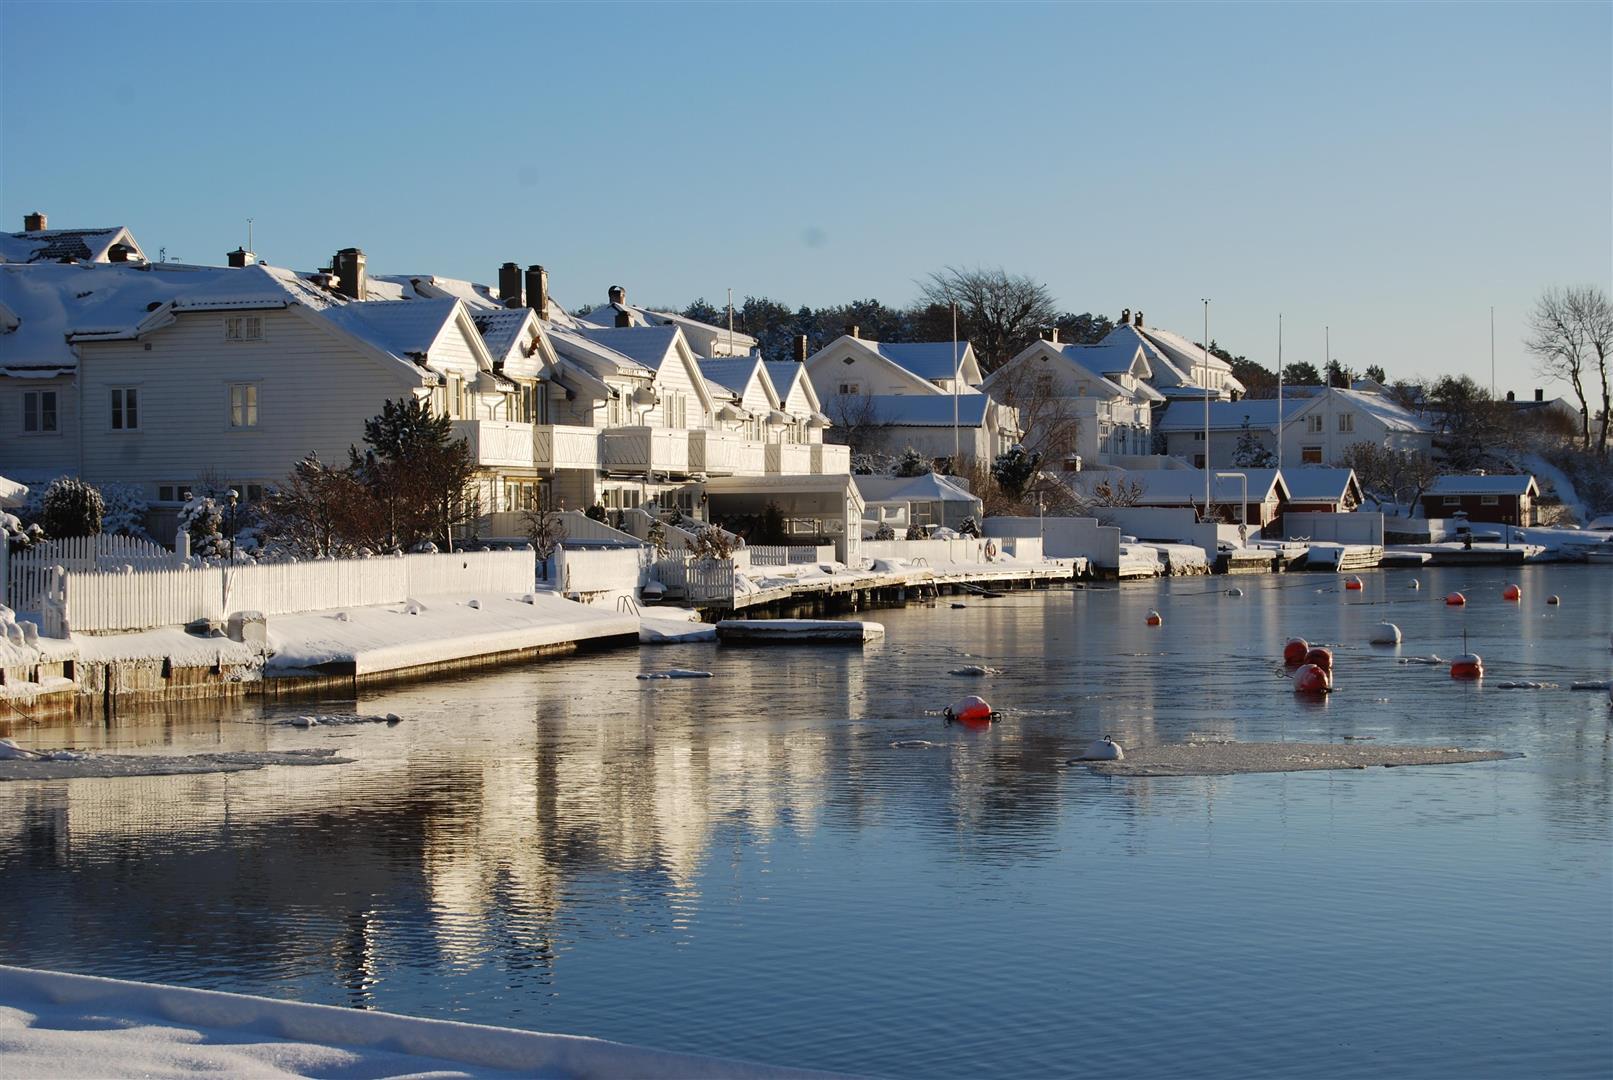 Oppsiktsvekkende Bilder fra Grimstad - Grimstad kommune MN-33